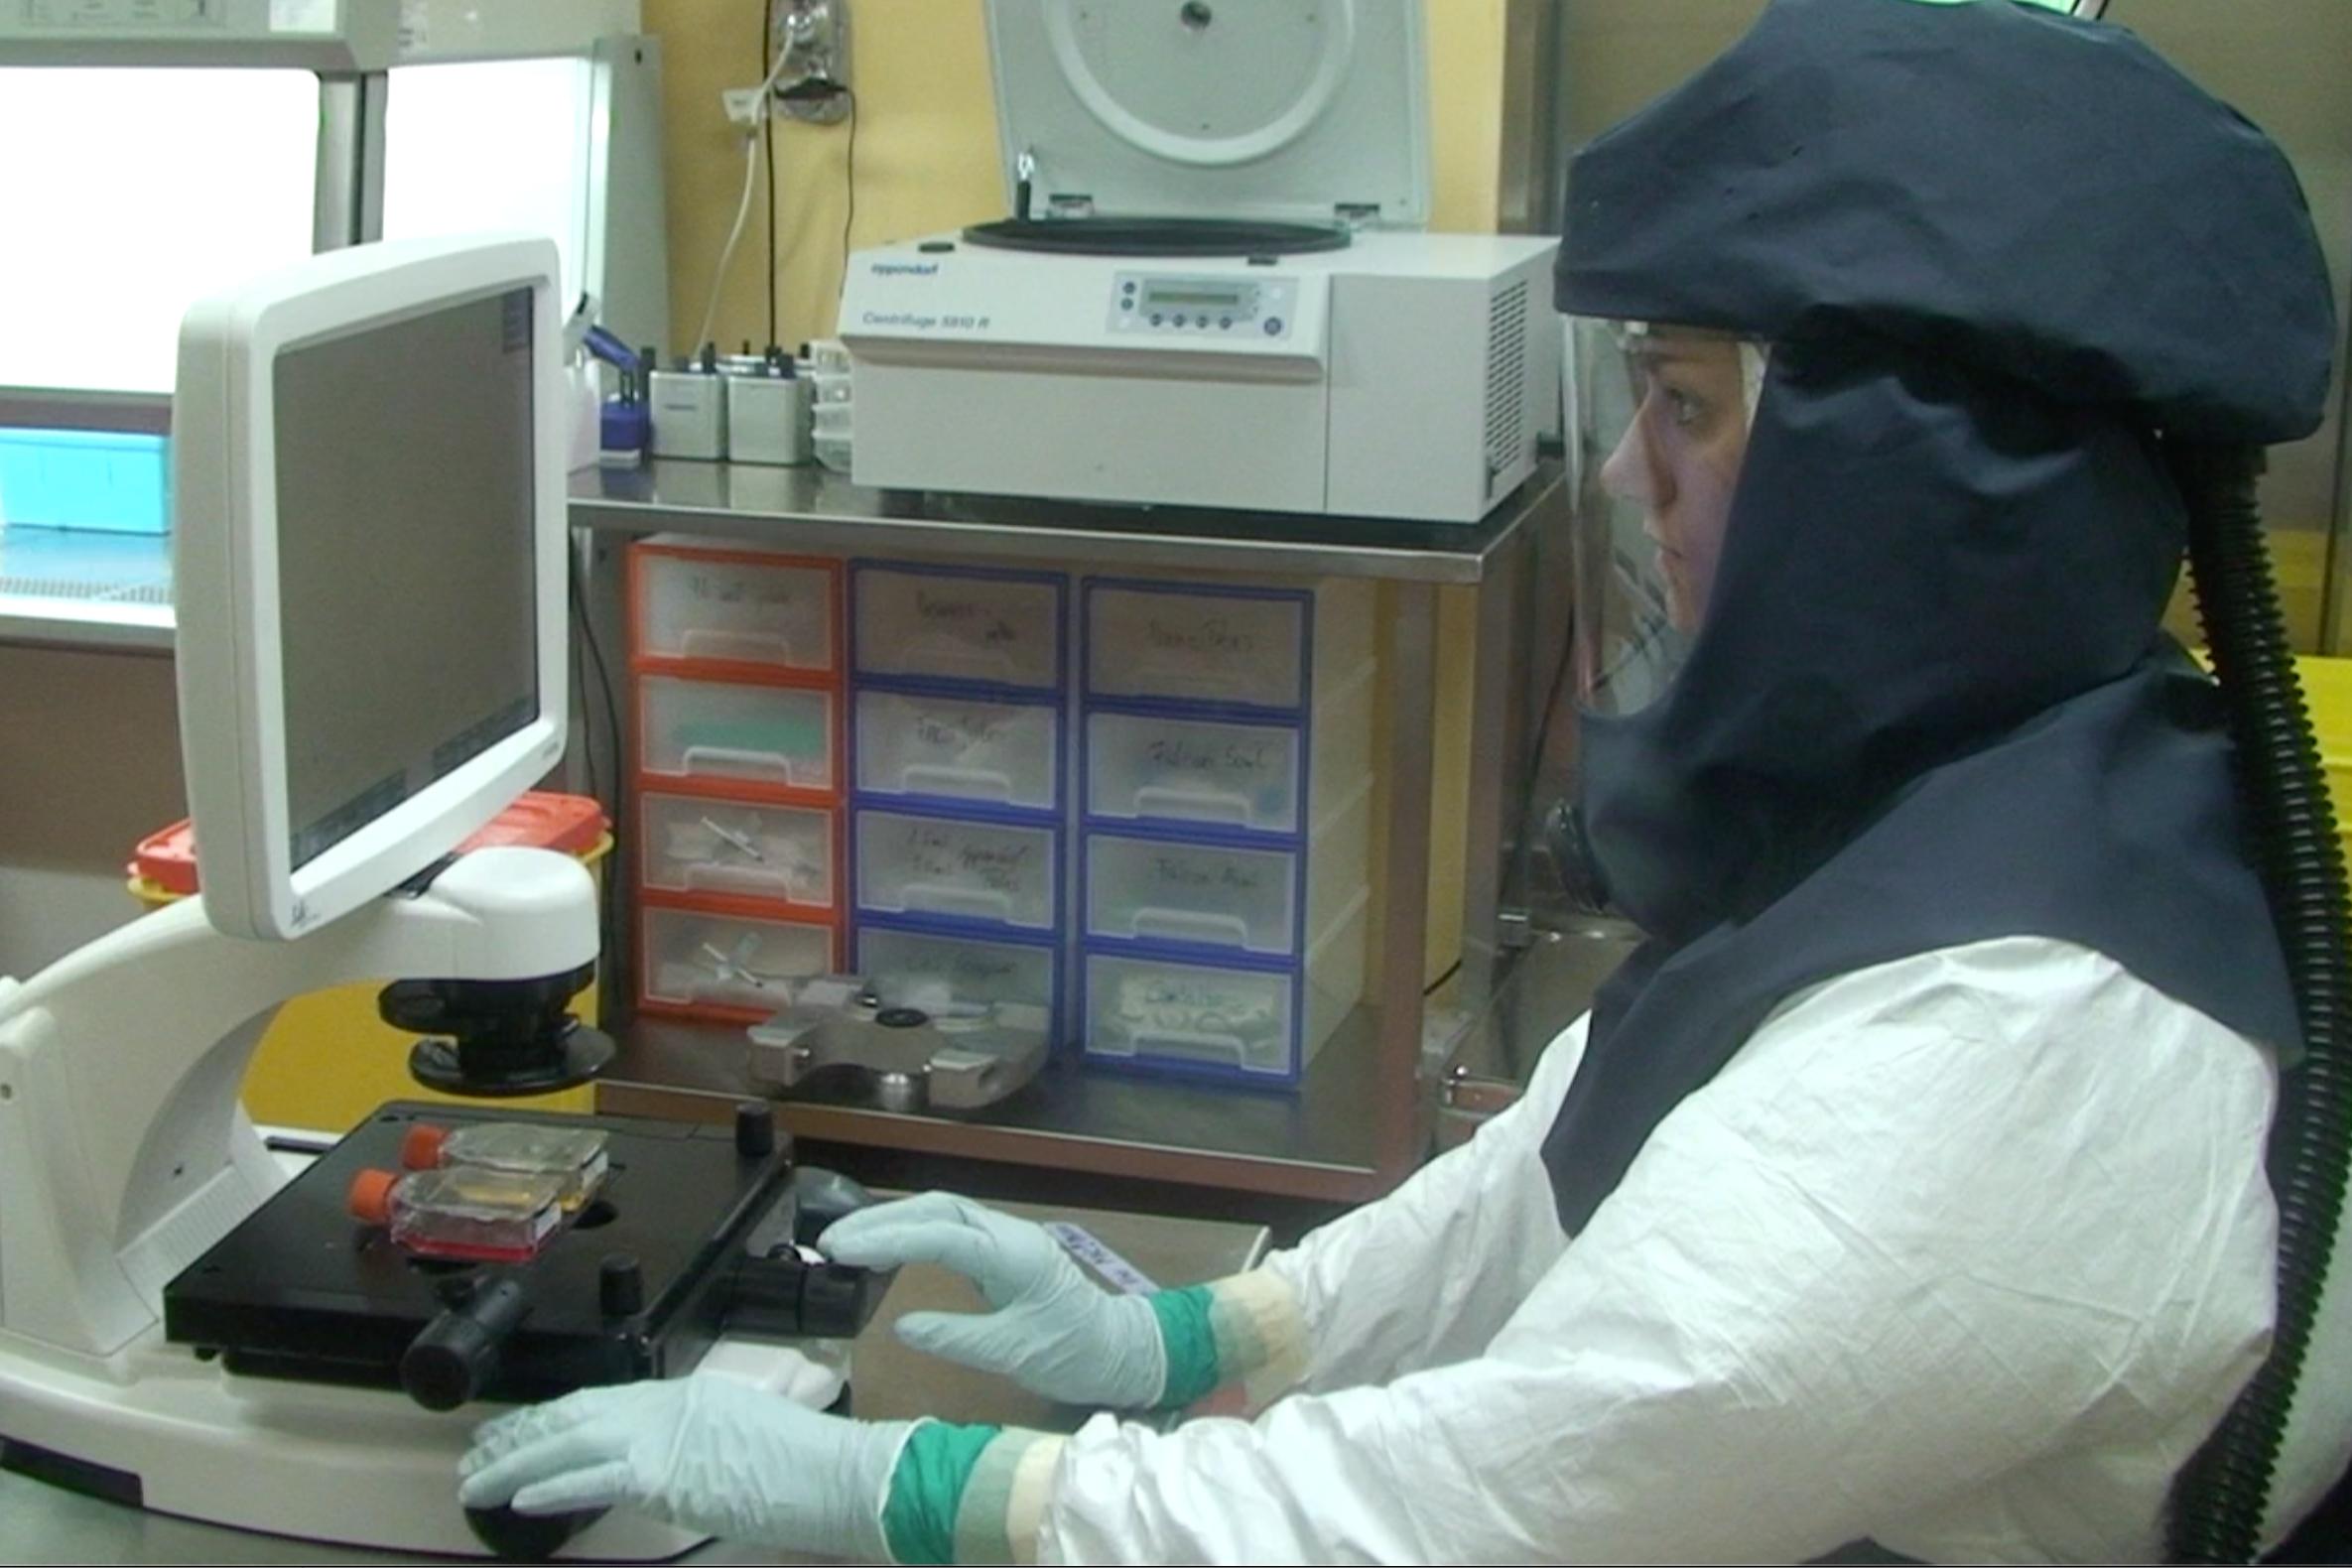 Làm việc tại phòng thí nghiệm an toàn sinh học tại Viện virus và miễn dịch học thuộc Đại học Bern, Thụy Sỹ.   Nguồn: ĐH Bern